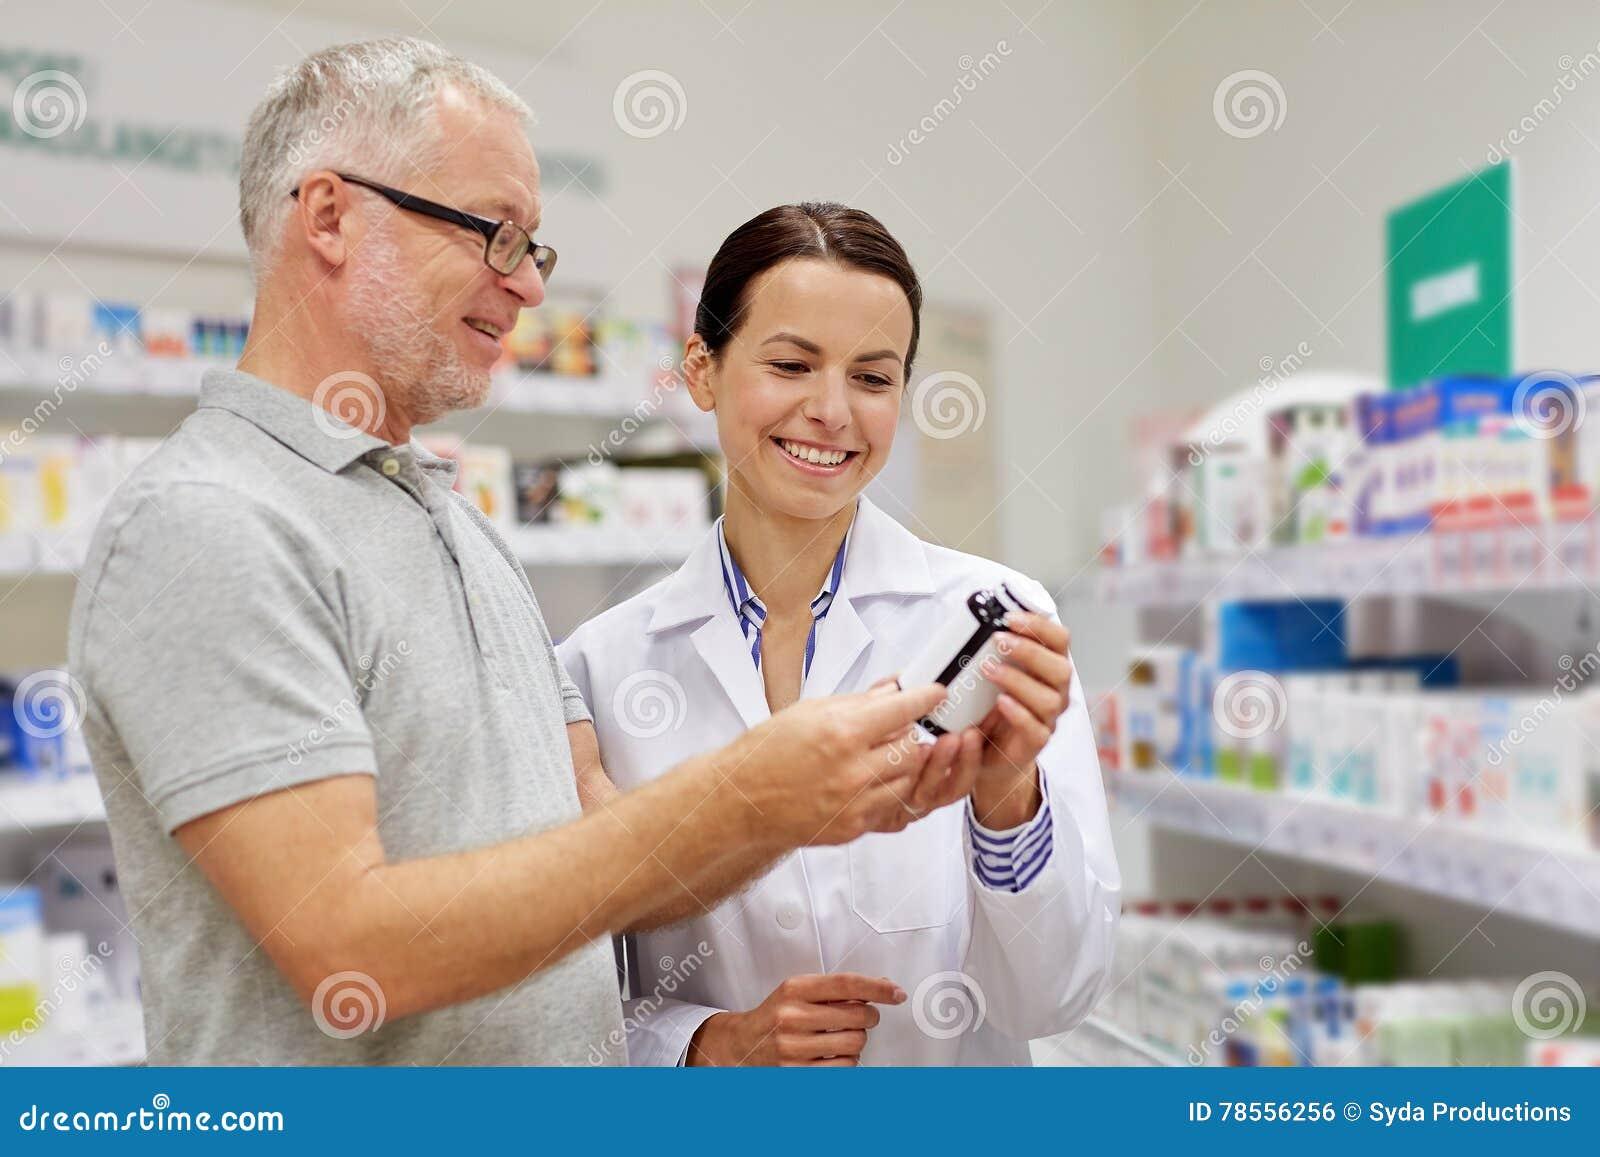 Φαρμακοποιός που παρουσιάζει φάρμακο στο ανώτερο άτομο στο φαρμακείο